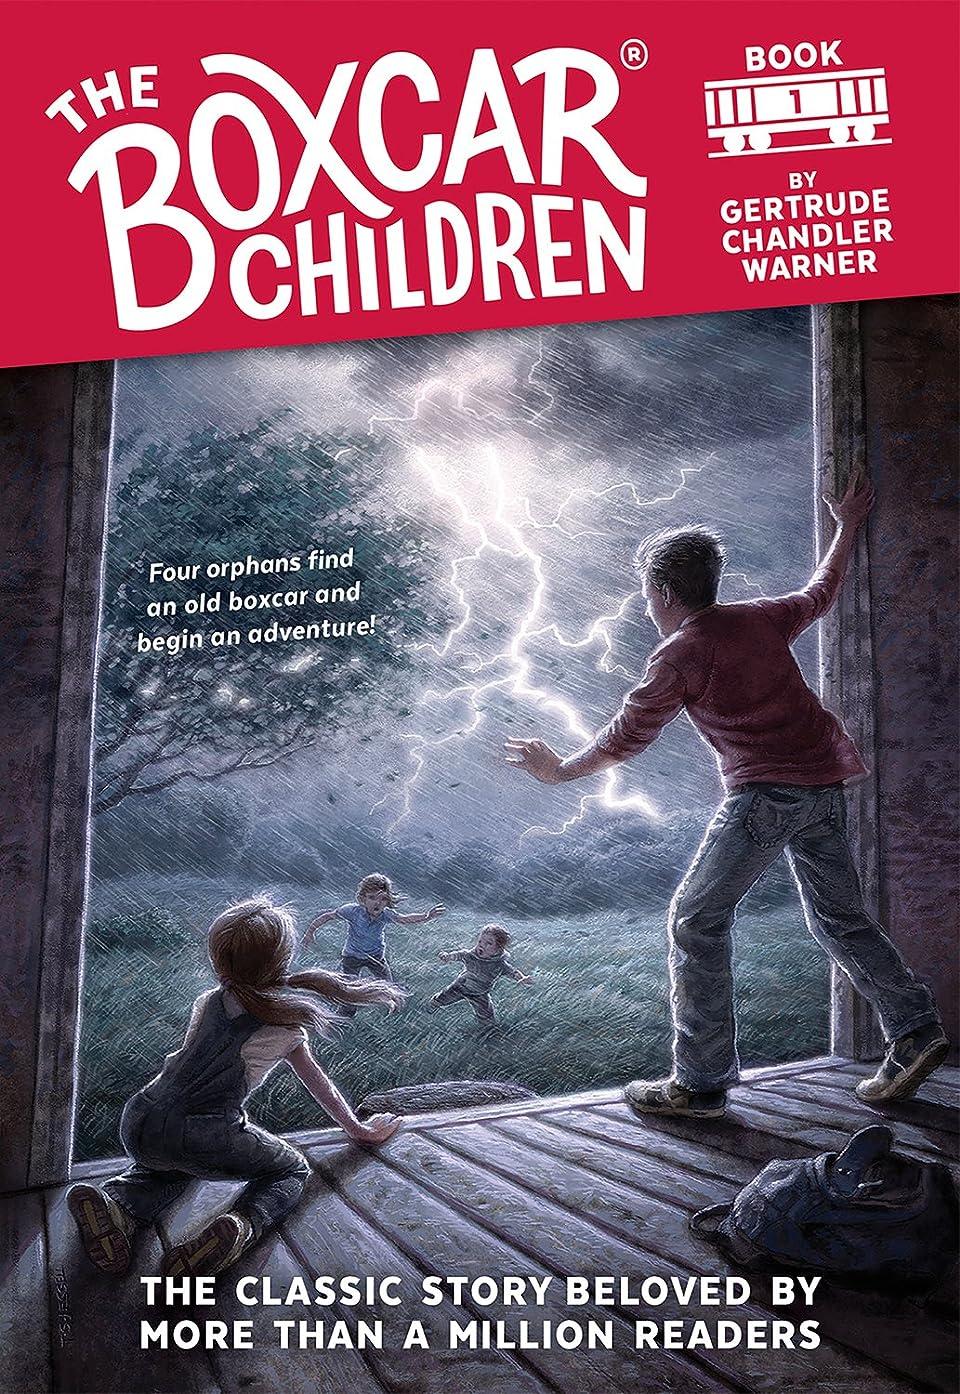 適切にショッピングセンターワンダーThe Boxcar Children (The Boxcar Children Mysteries Book 1) (English Edition)